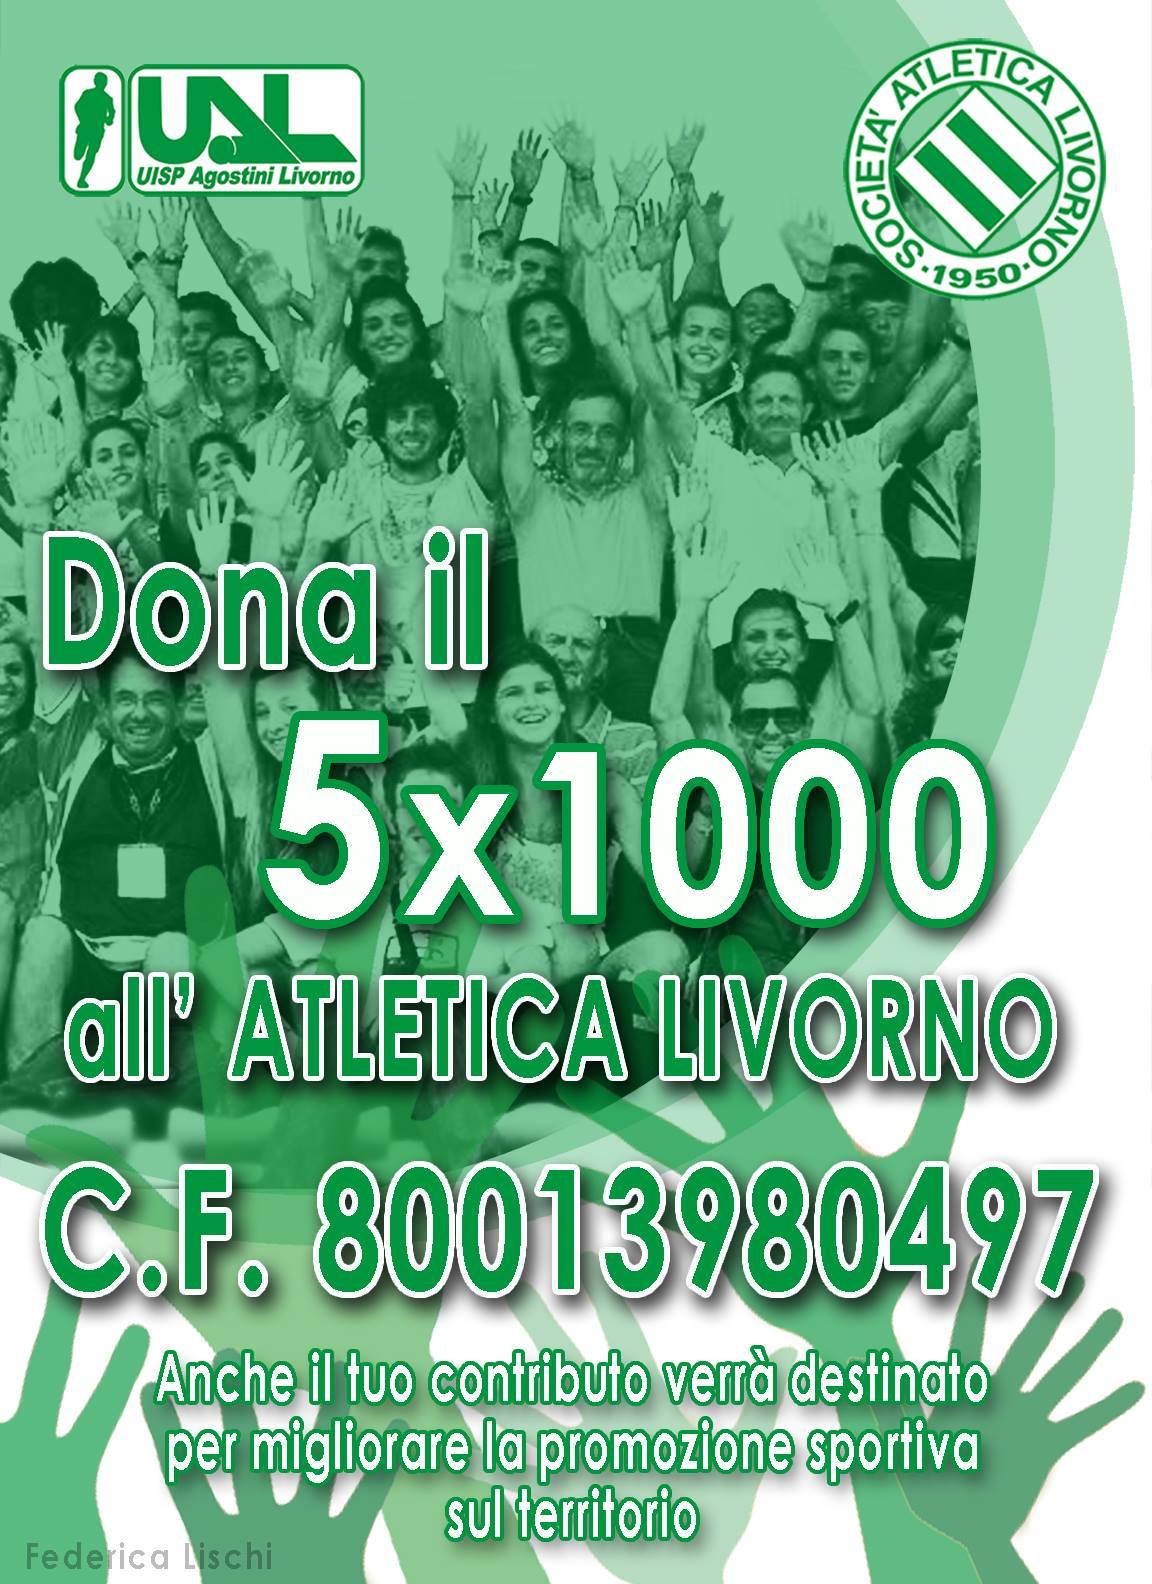 5-x-1000-atletica-livorno.jpg